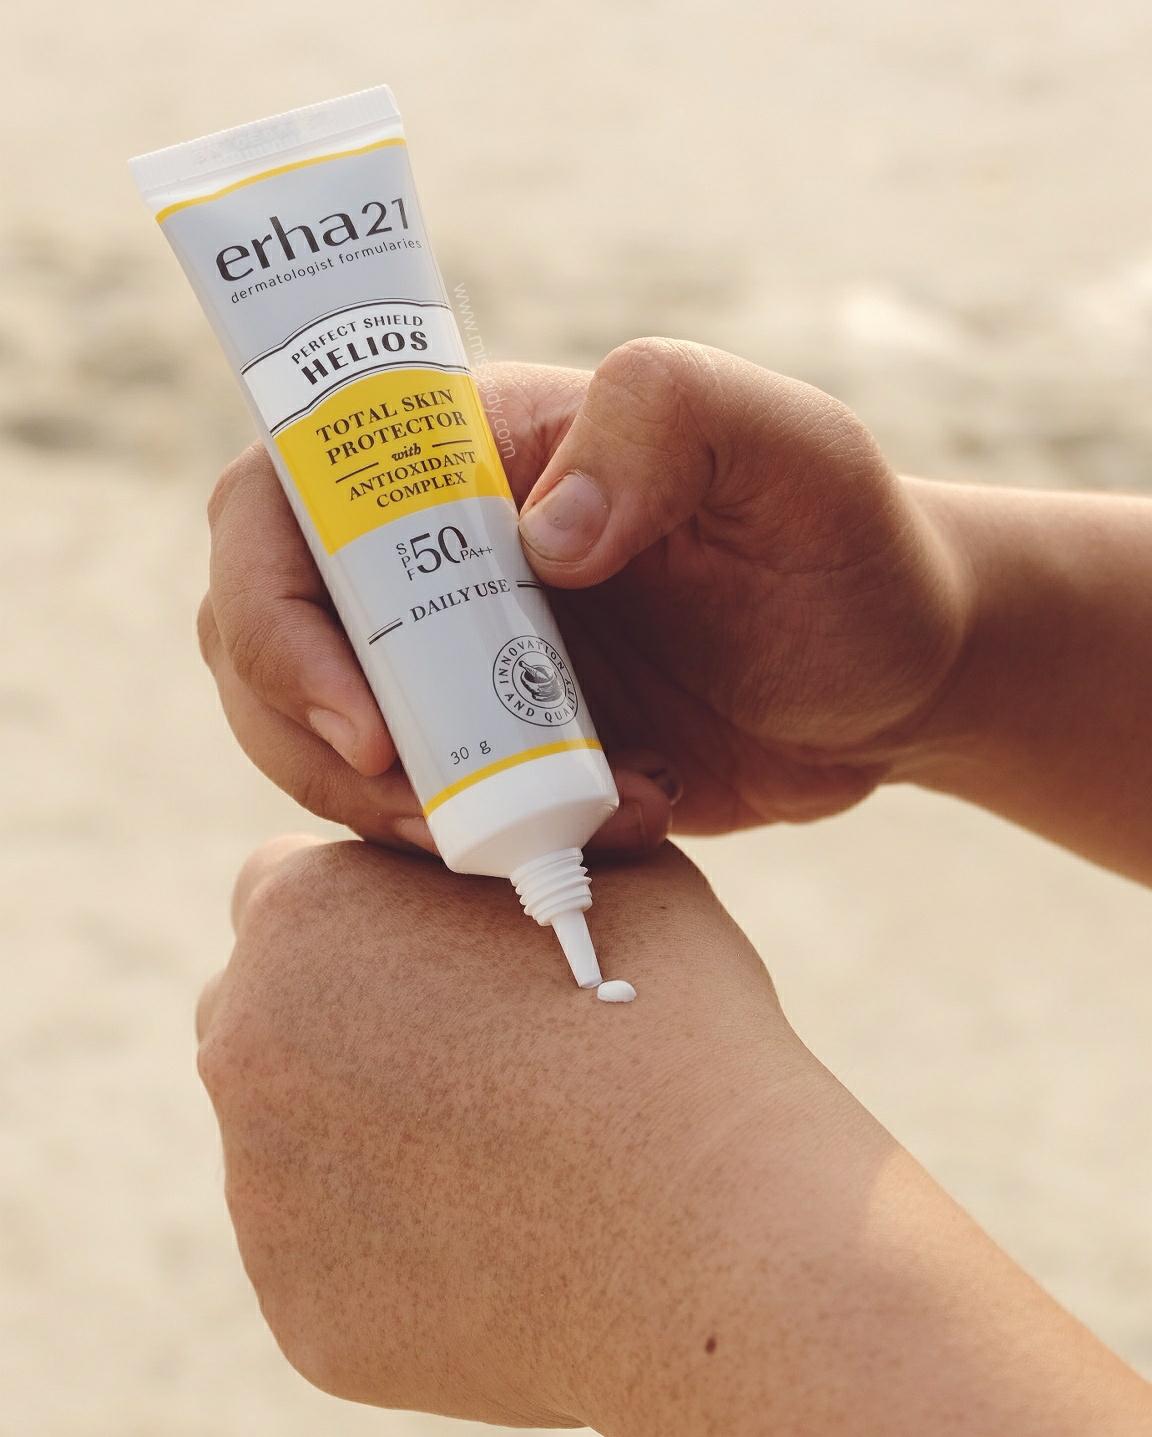 helios daily use sun protection - erha